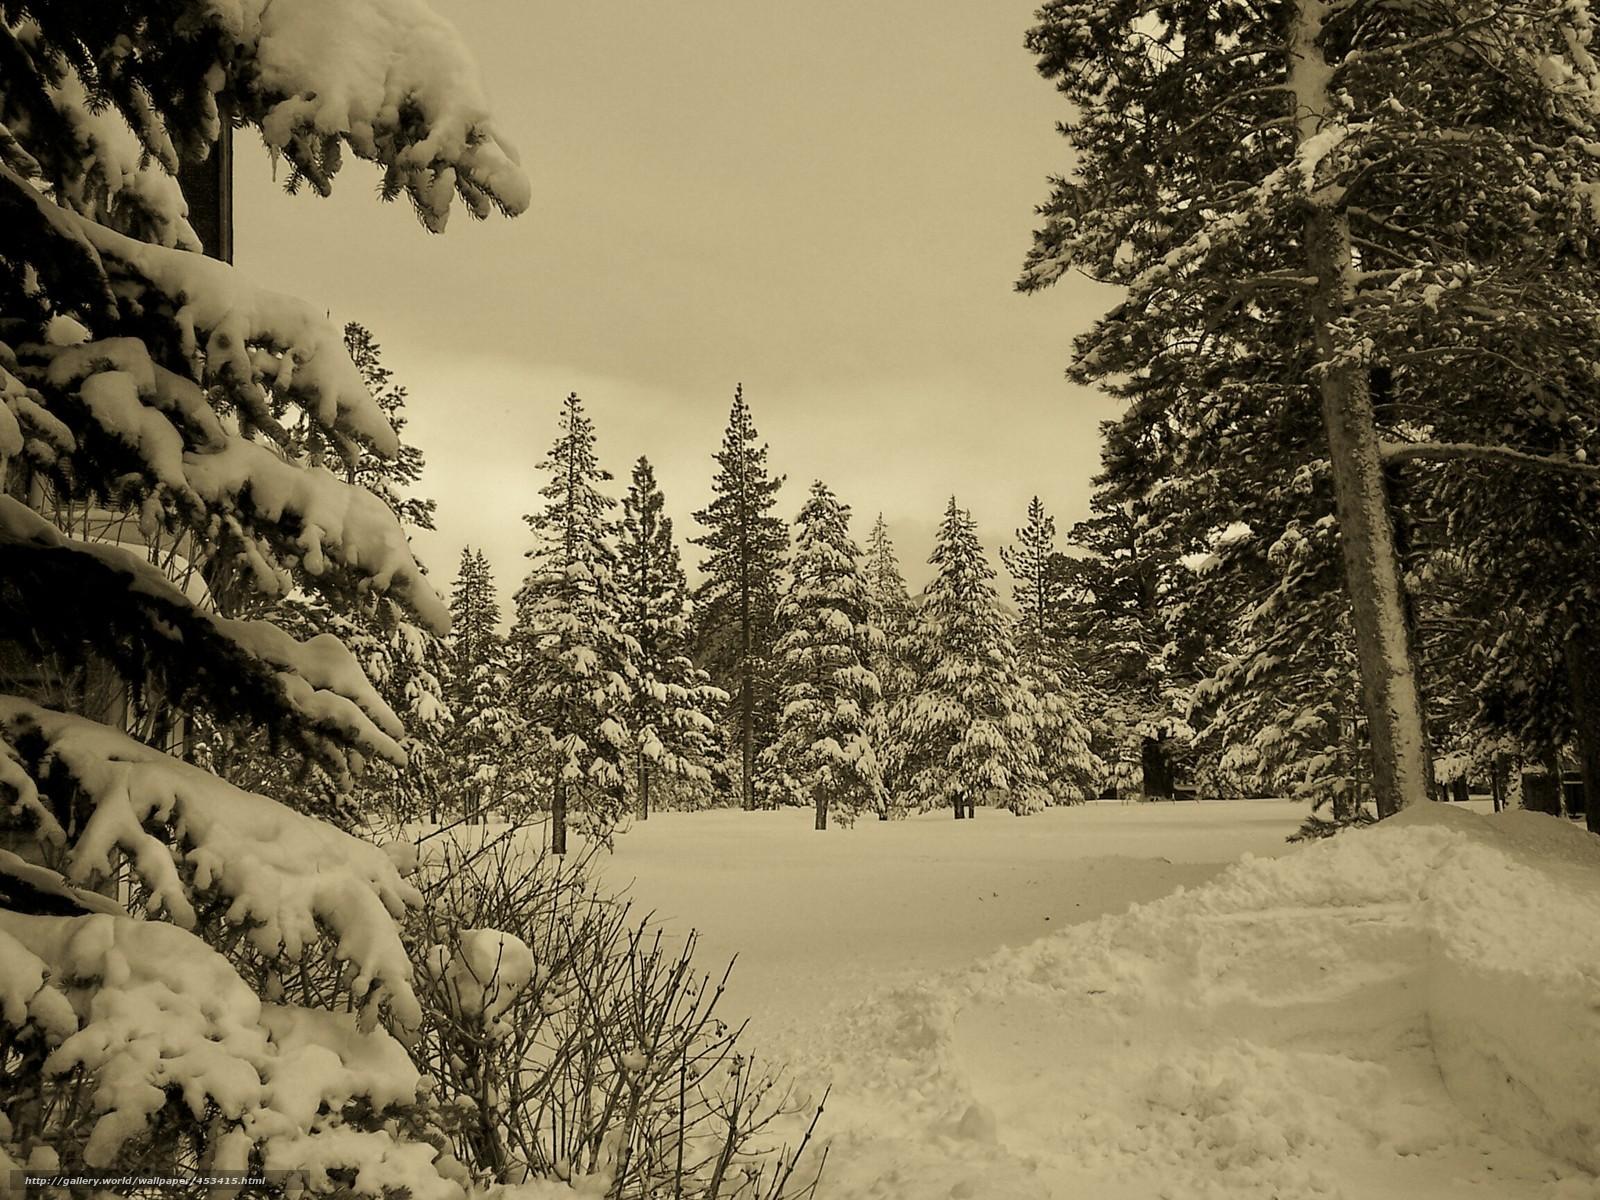 Tlcharger Fond d'ecran hiver,  fort,  neige,  Nature Fonds d'ecran gratuits pour votre rsolution du bureau 2304x1728 — image №453415